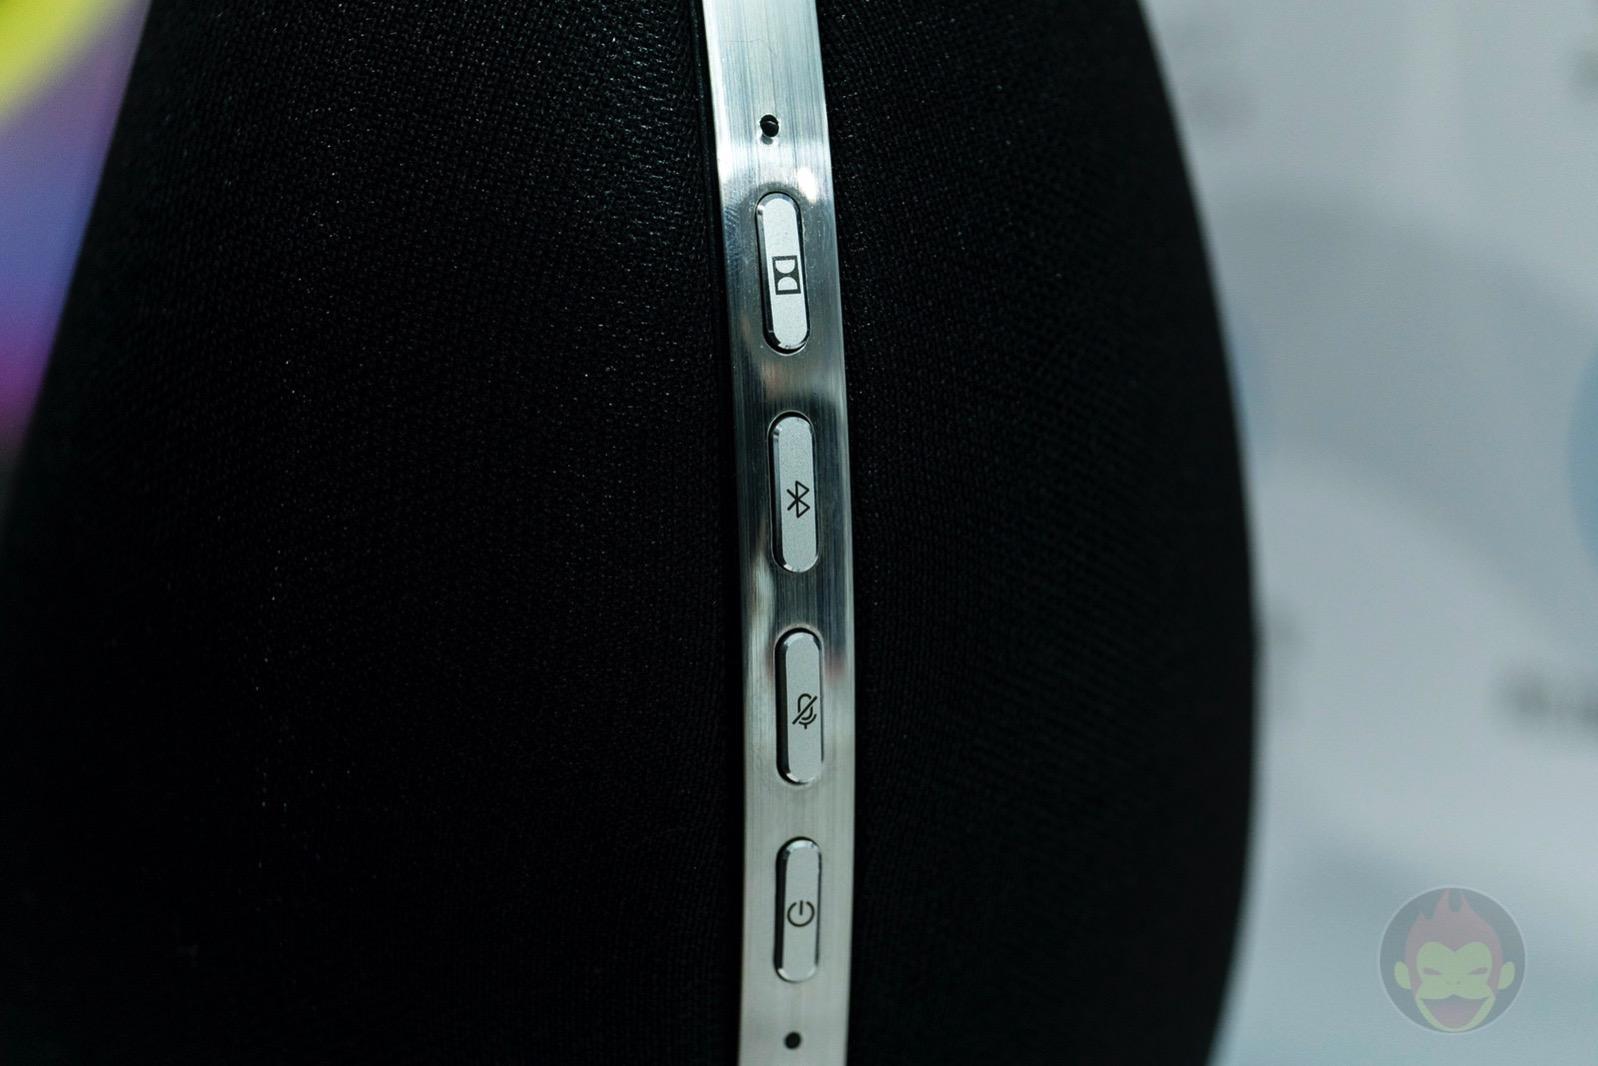 Anker-SoundCore-Model-Zero-03.jpg